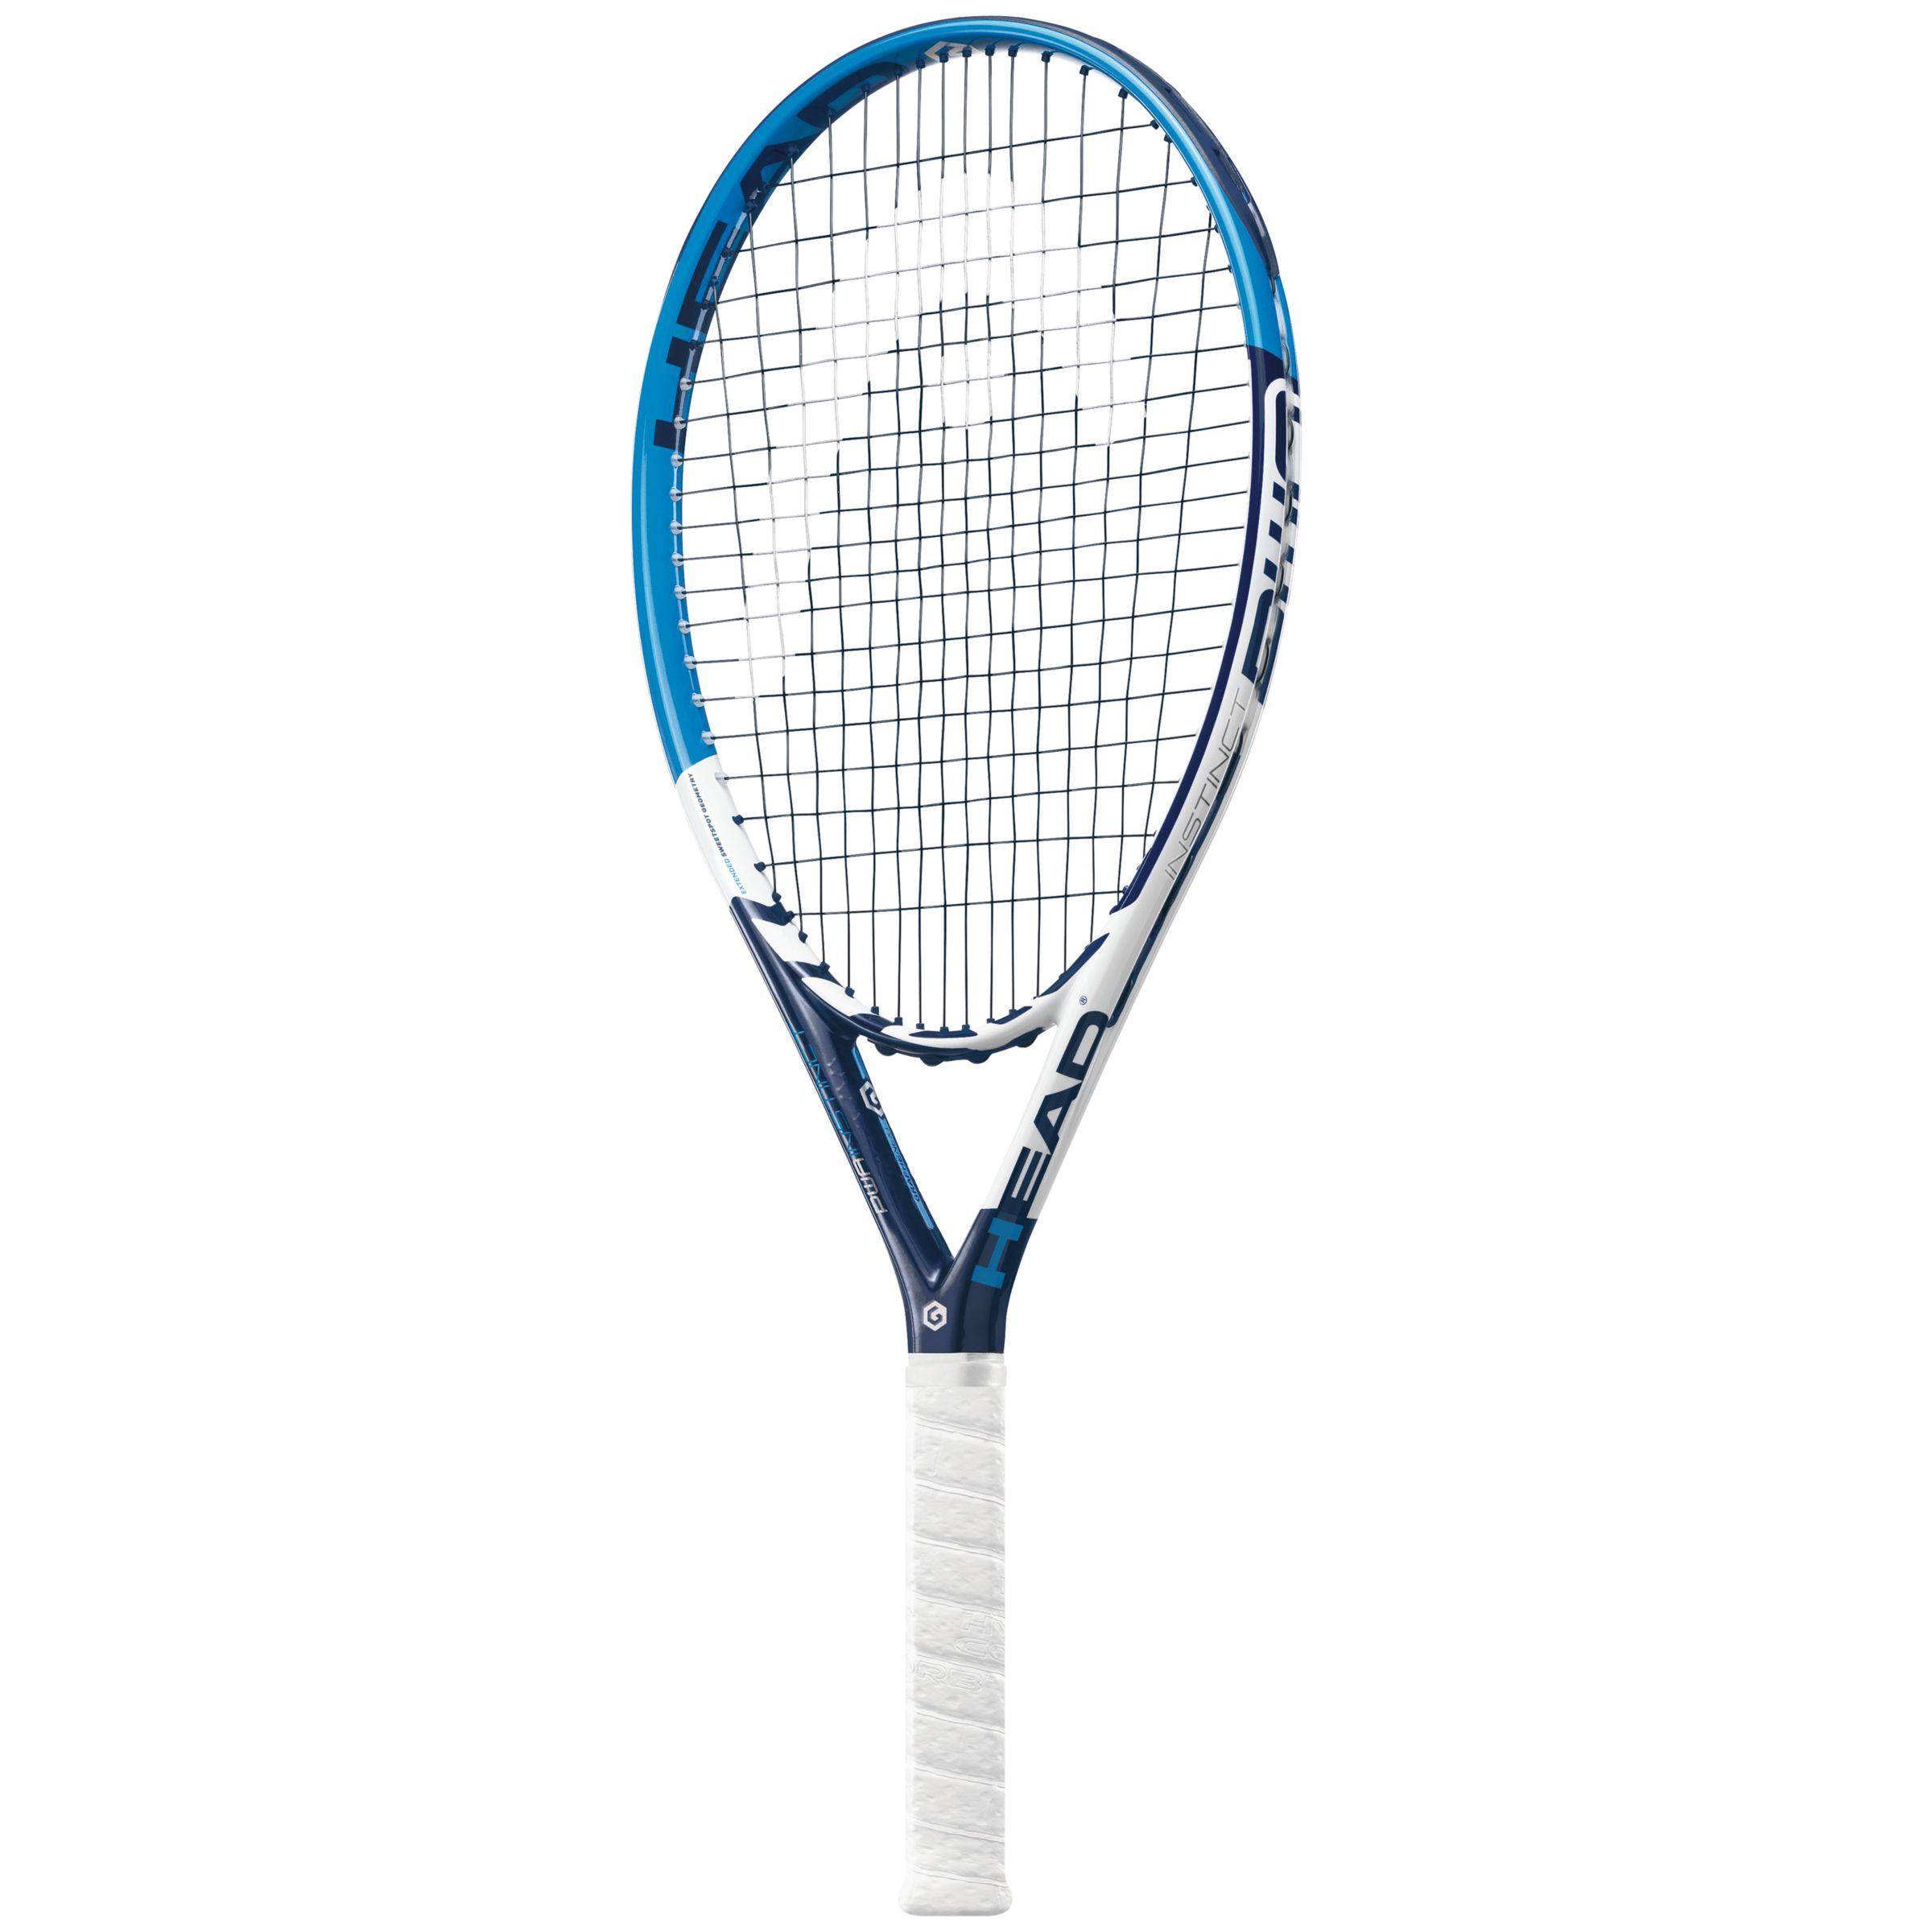 Head Head YouTek Graphene PWR Instinct Tennis Racket, Blue